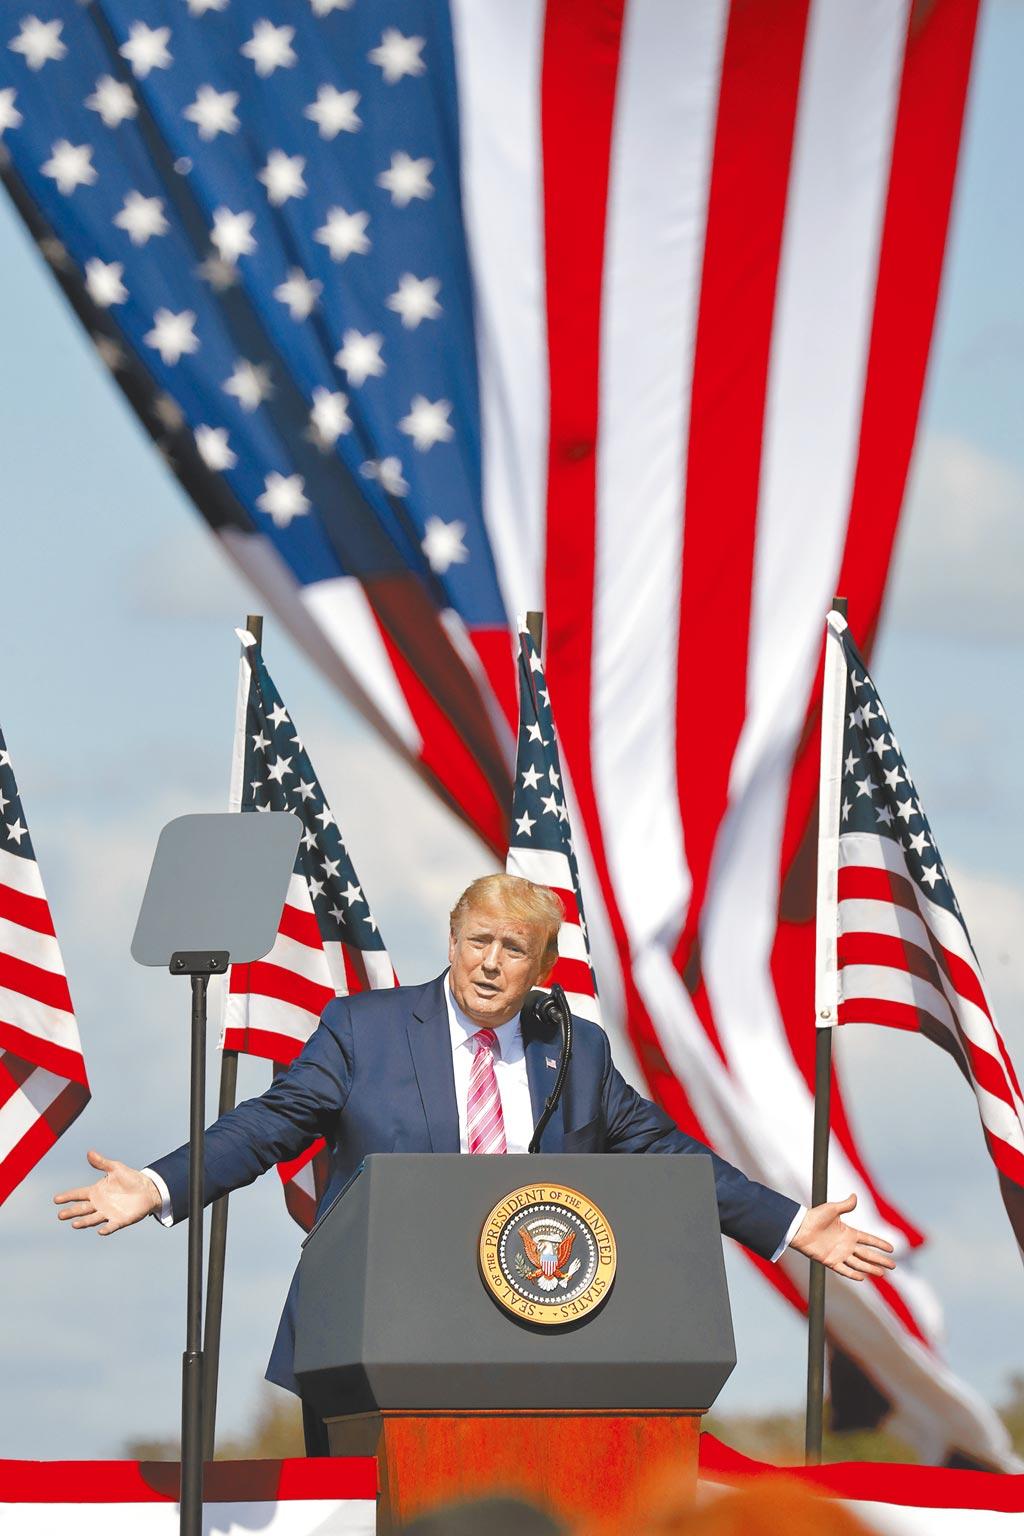 美國總統川普2016年當選以來,慣用「美國」與「優先」這兩個詞指導他的外交政策,4年下來,反全球化、單邊主義、對抗北京儼然成了川式外交的特色。(美聯社)